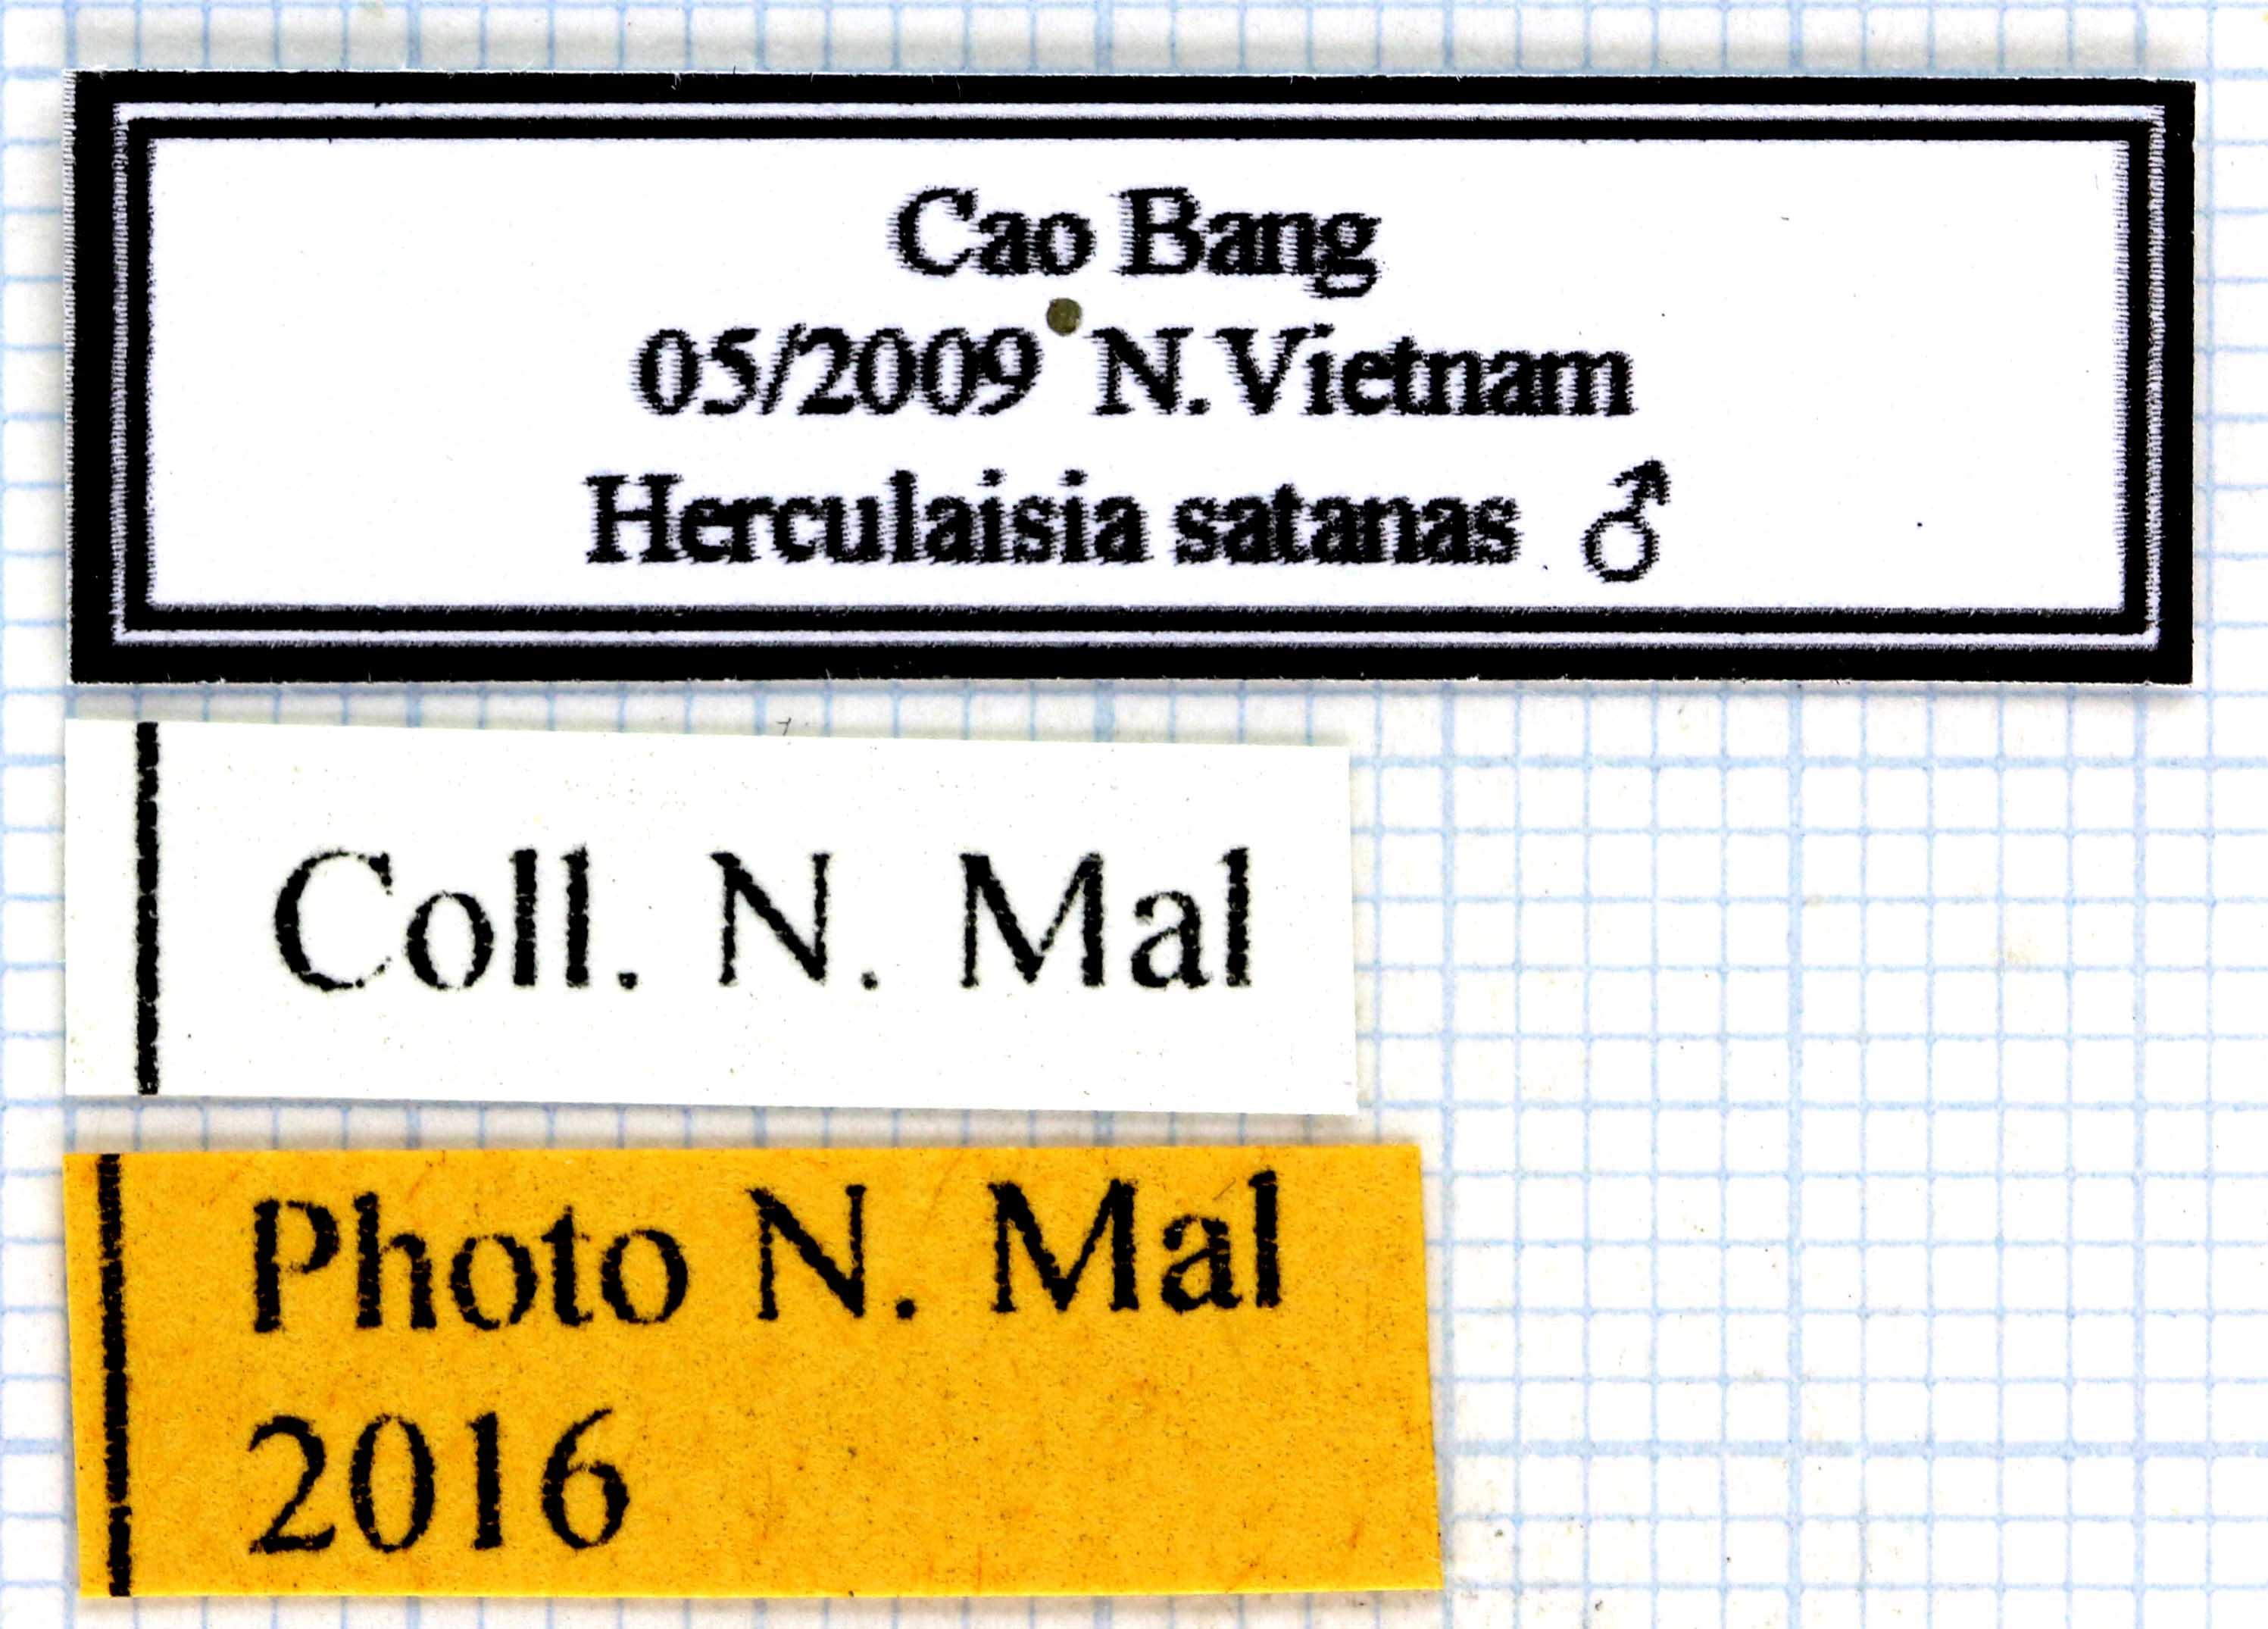 Herculaisia satanas lables 64224.jpg